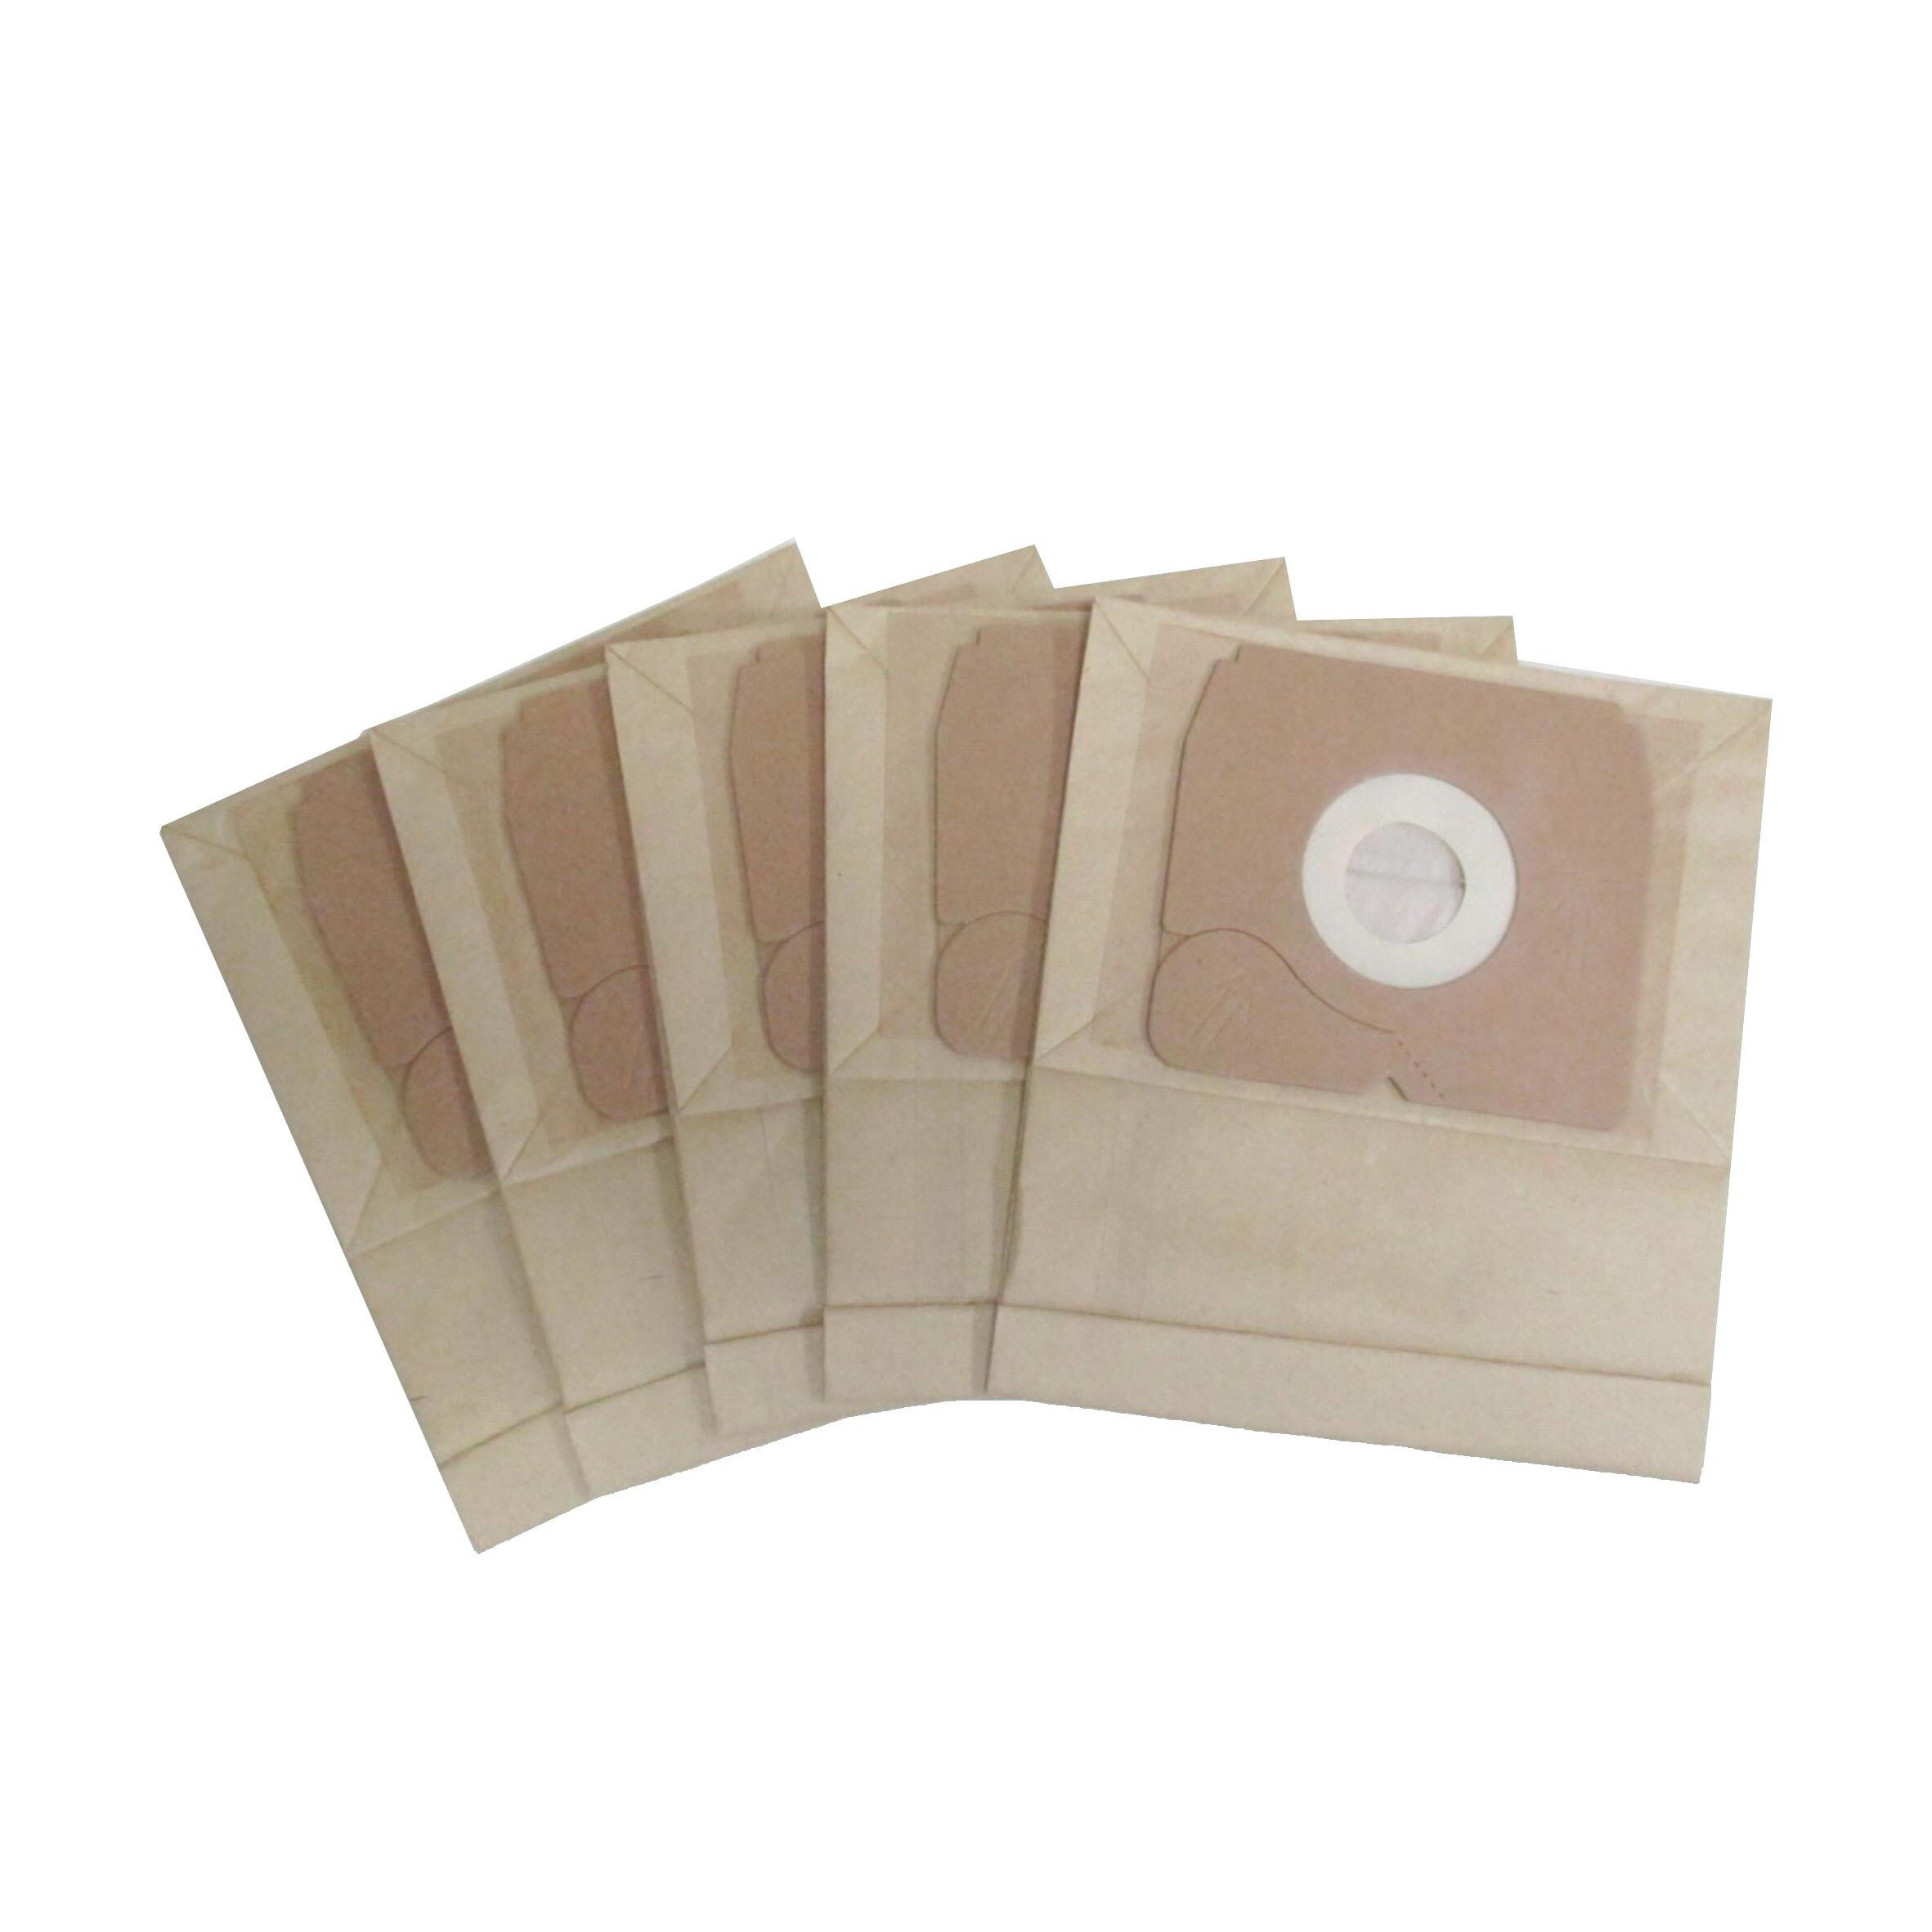 (618購物節)吸塵器集塵袋- 適用於Electrolux伊萊克斯 E51:iCute,Xio,Ingenio【居家達人-8A05】